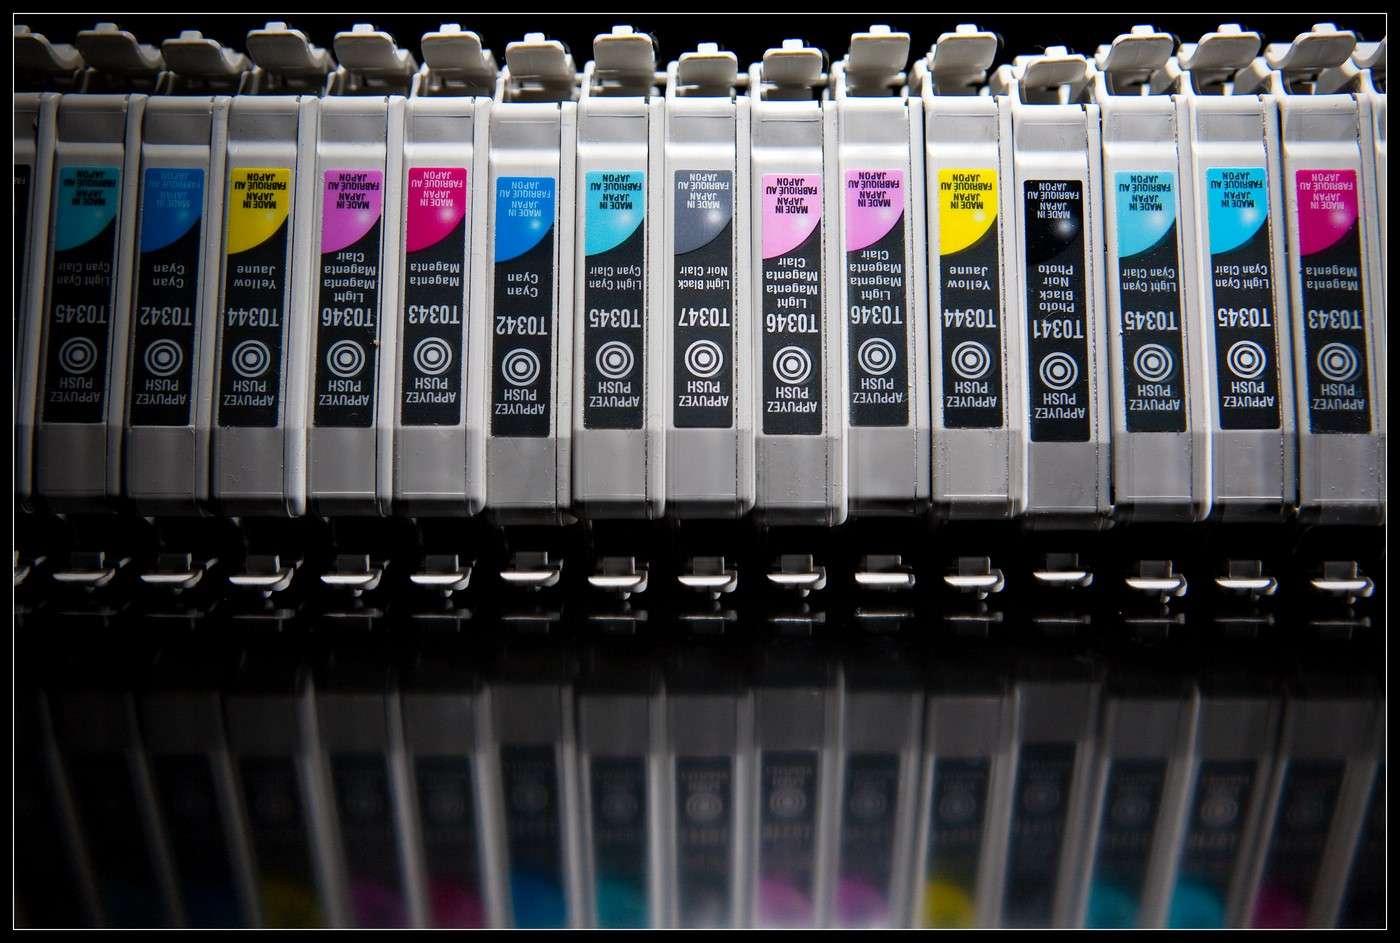 Un chercheur du MIT a eu l'idée de fabriquer de l'encre noire à partir de la suie émise par les gaz d'échappement et d'autres combustions polluantes. Techniquement fonctionnelle, son invention est pour le moment encore très artisanale. © Kenny Loule, Flickr, CC by 2.0